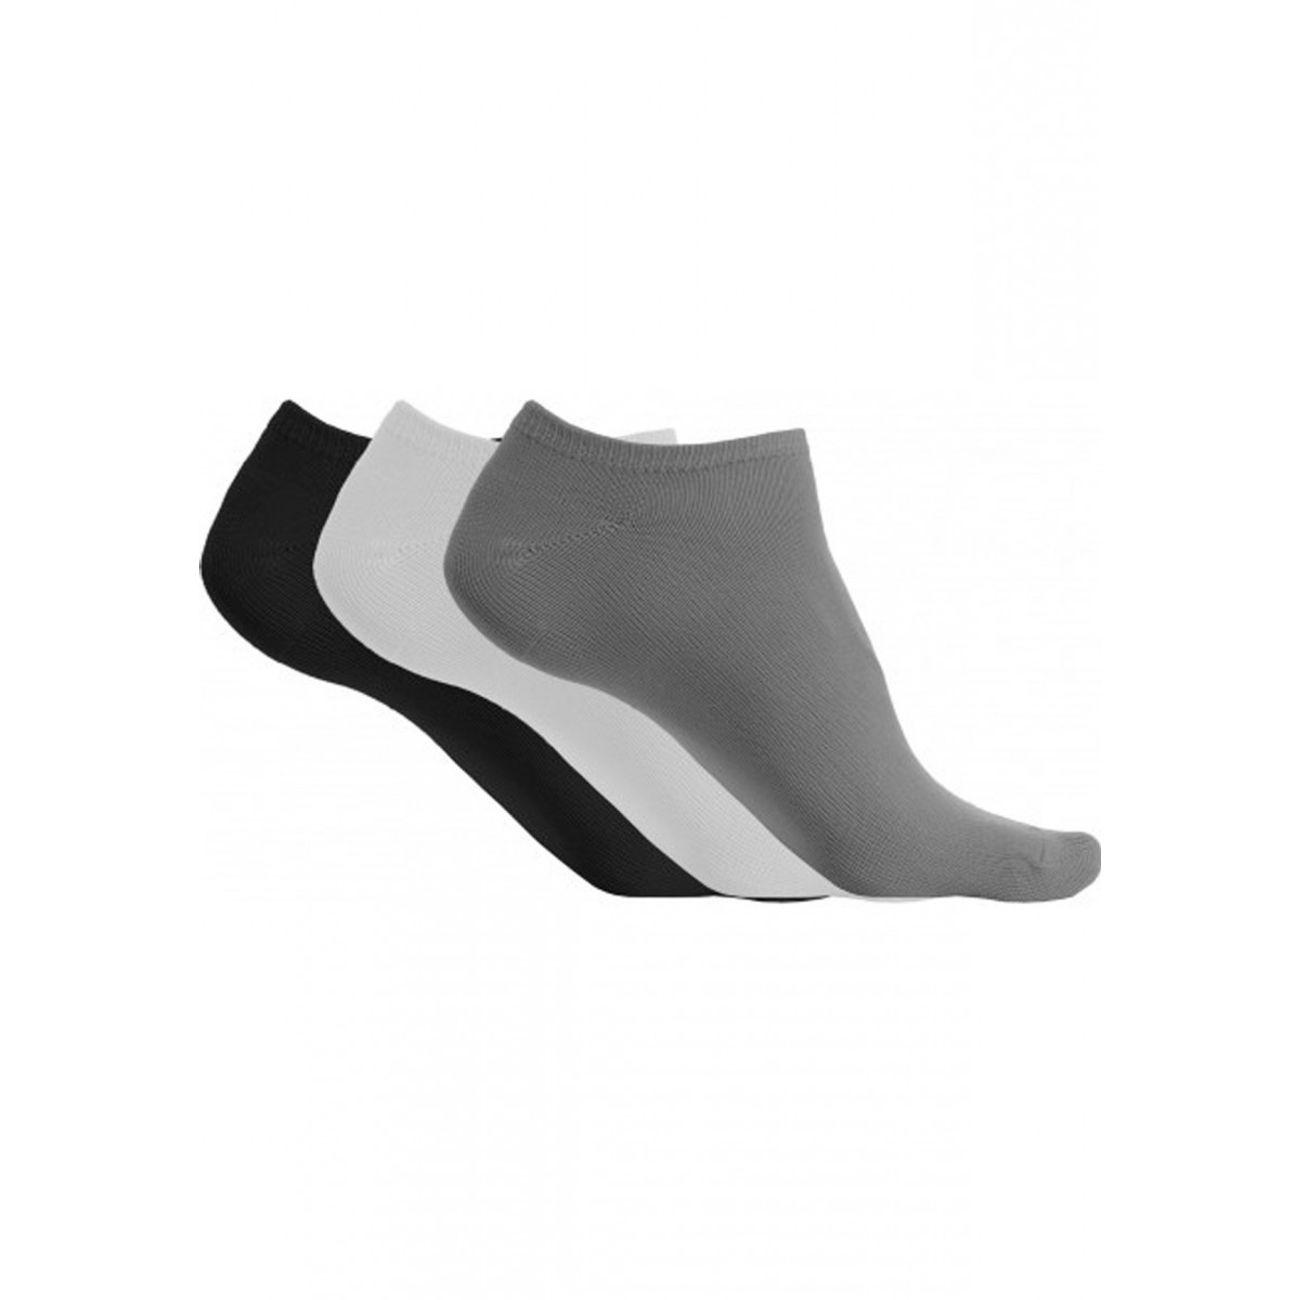 Blanc Homme Socquettes Gris MicrofibresPa033 Proact 3 Paires Noir Pack ModeLifestyle Yy7vIbgf6